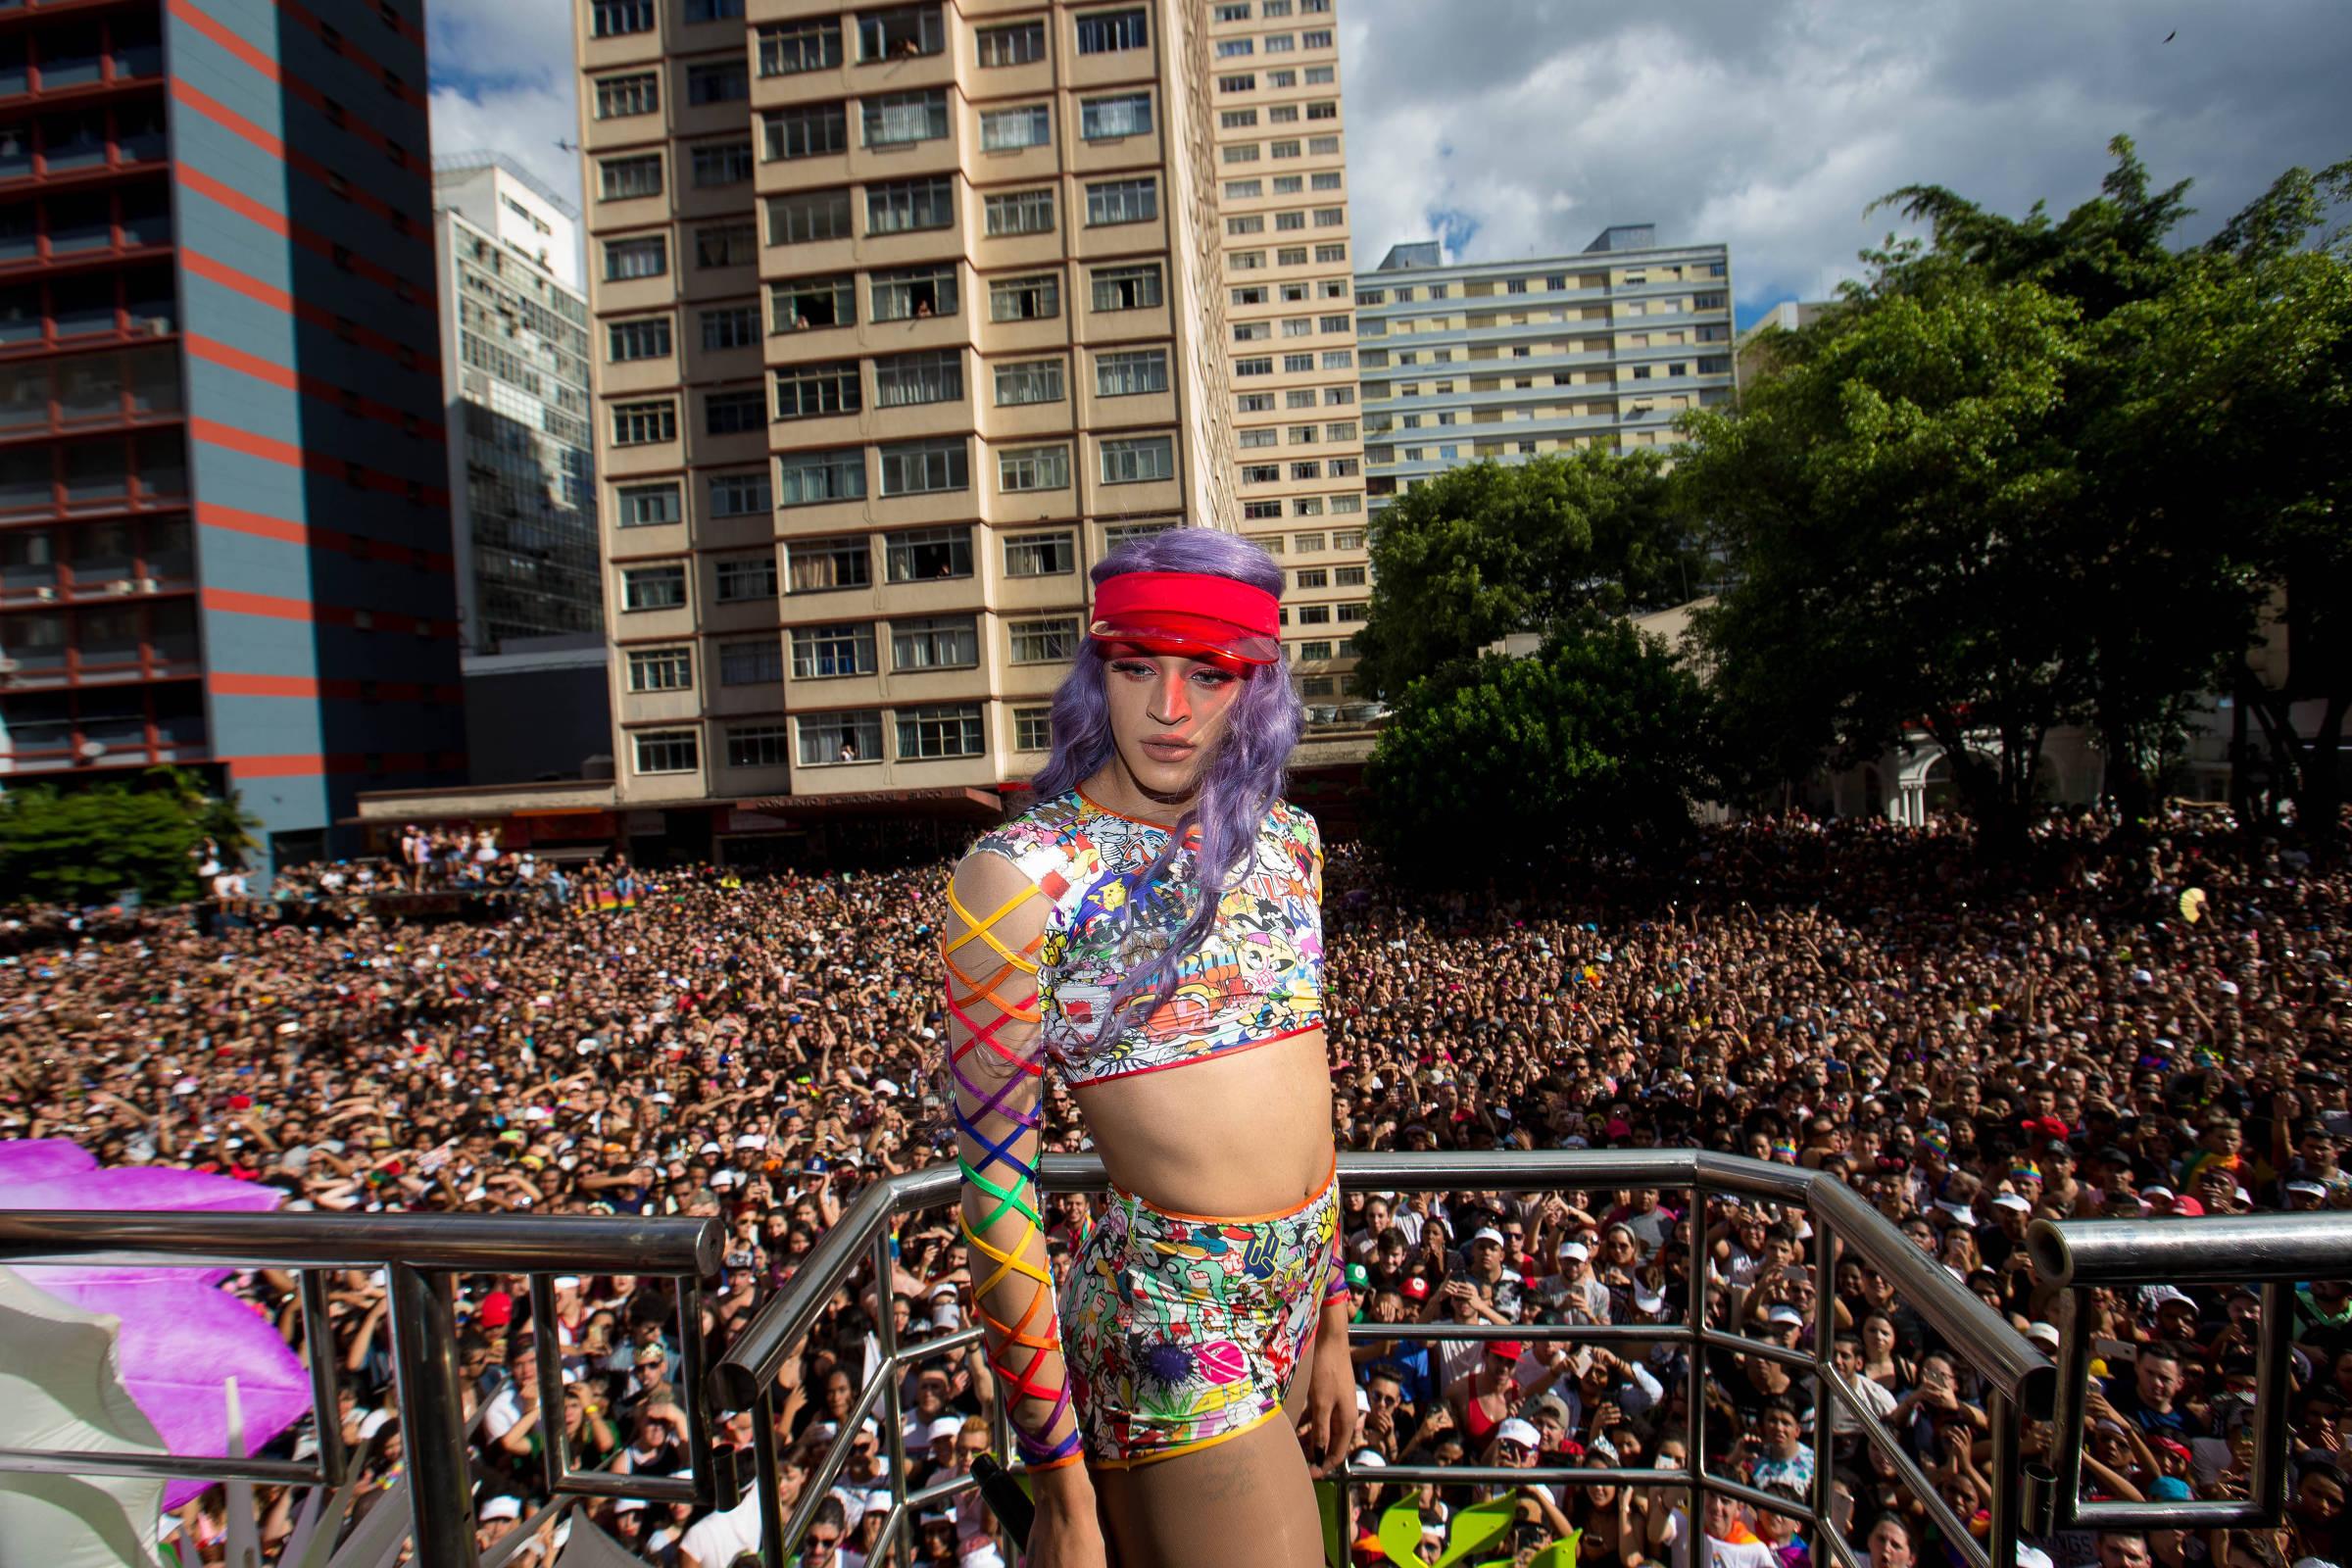 753687c16 Marchas e Parada do Orgulho LGBT colorem São Paulo neste fim de semana -  01 06 2018 - Passeios - Guia Folha